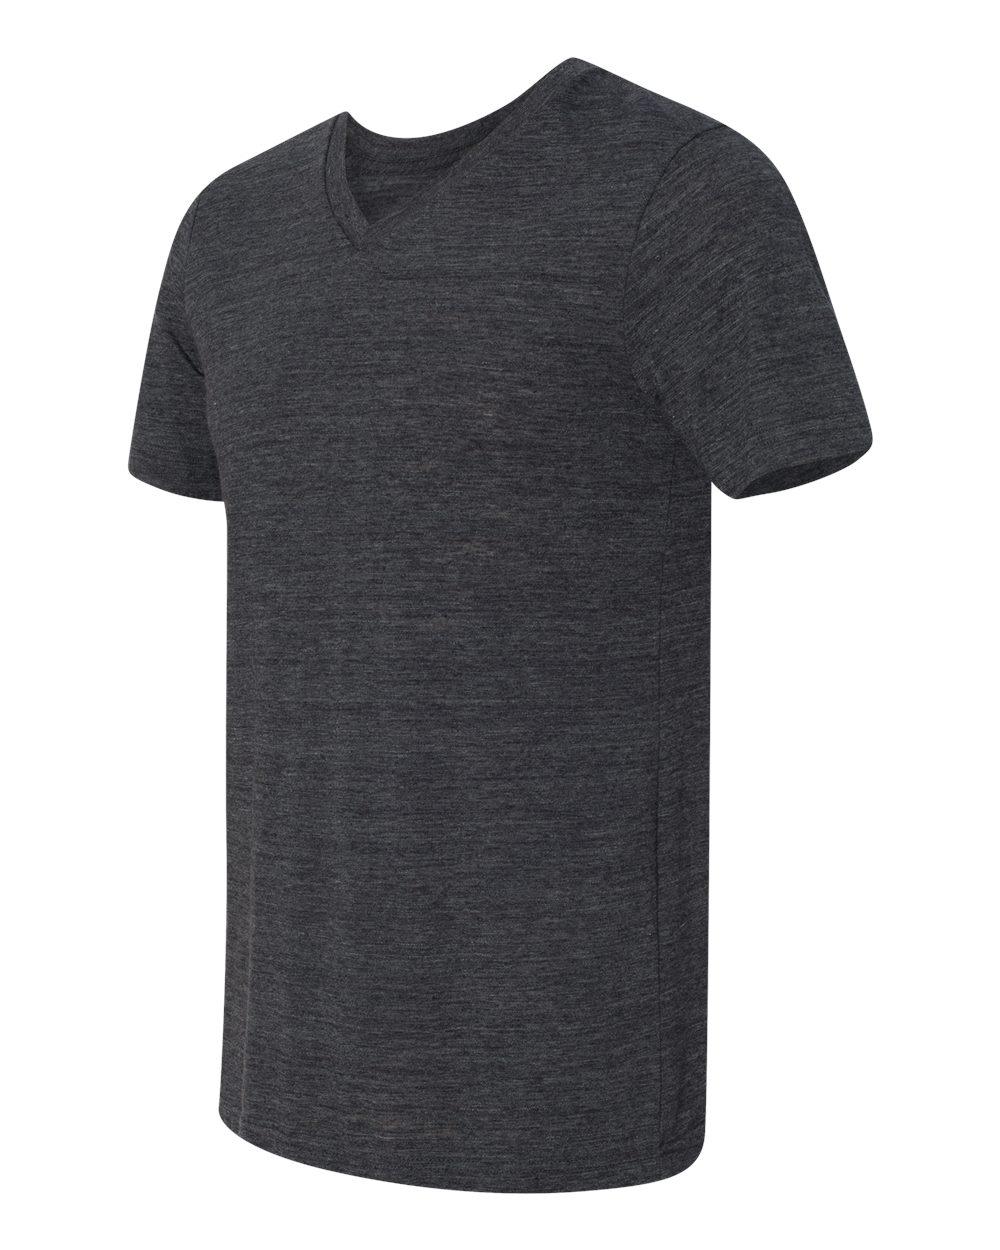 Bella-Canvas-Men-039-s-Jersey-Short-Sleeve-V-Neck-T-Shirt-3005-XS-3XL thumbnail 76